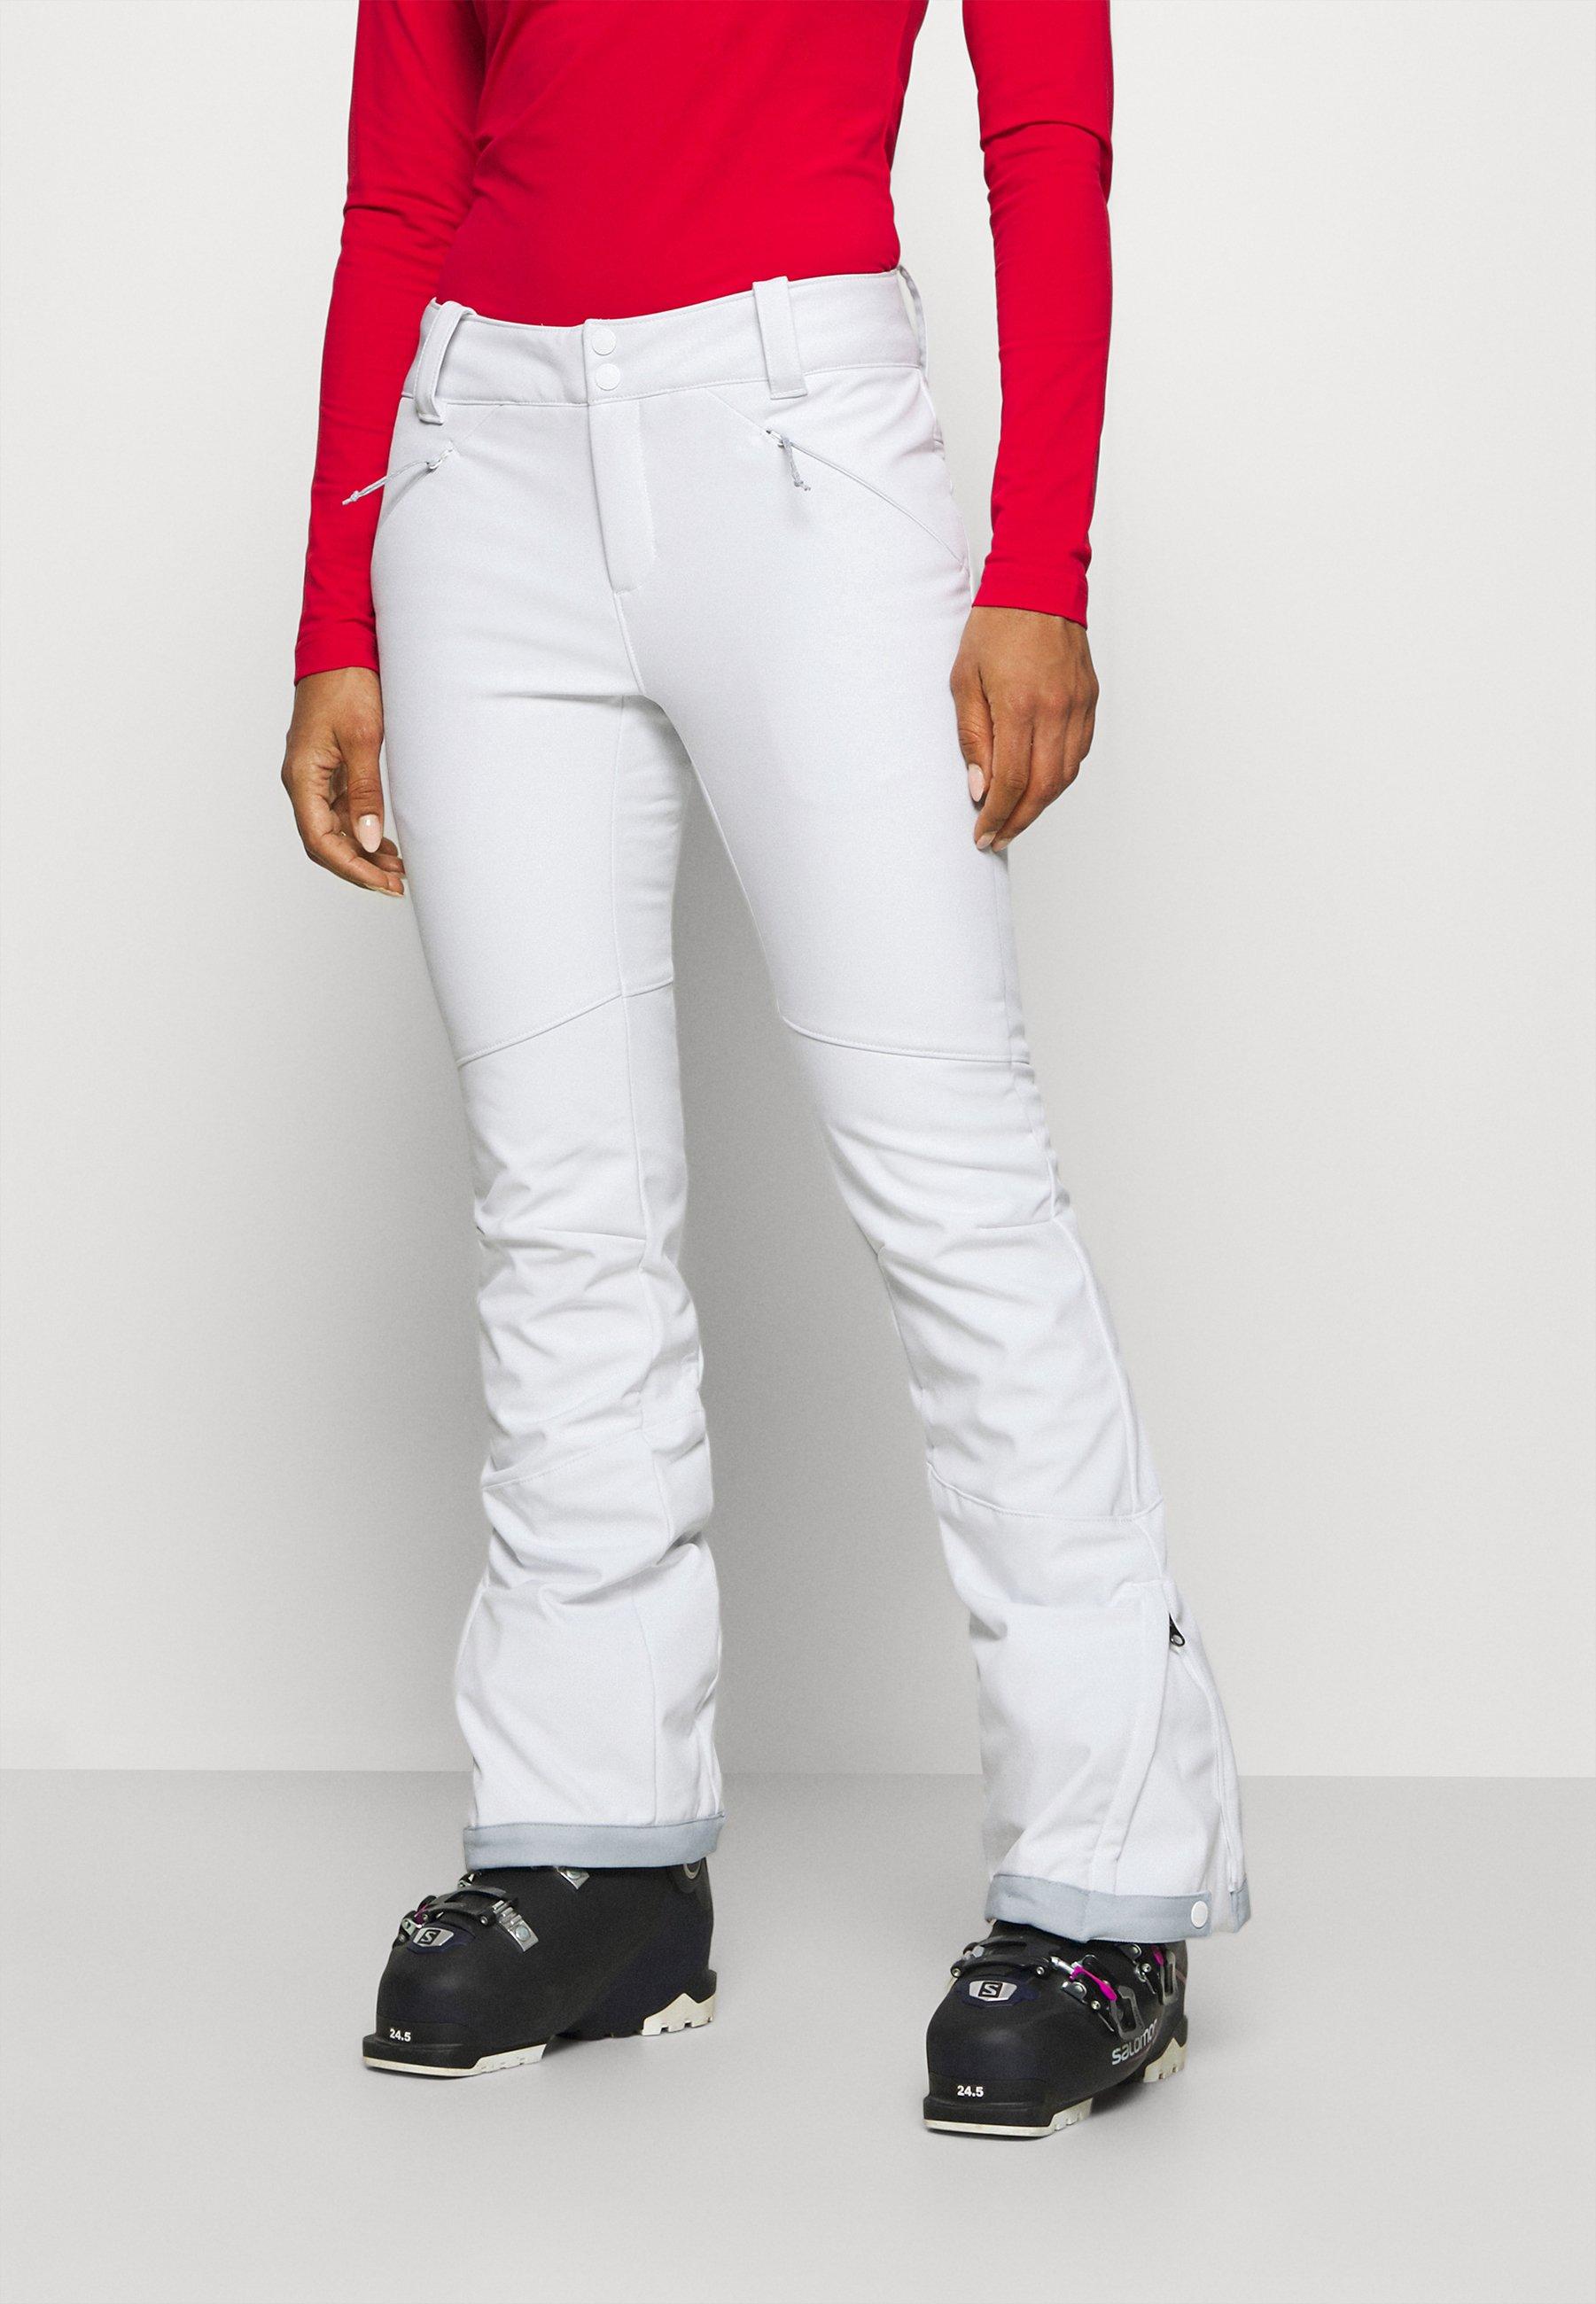 Femme ROFFE RIDGE PANT - Pantalon de ski